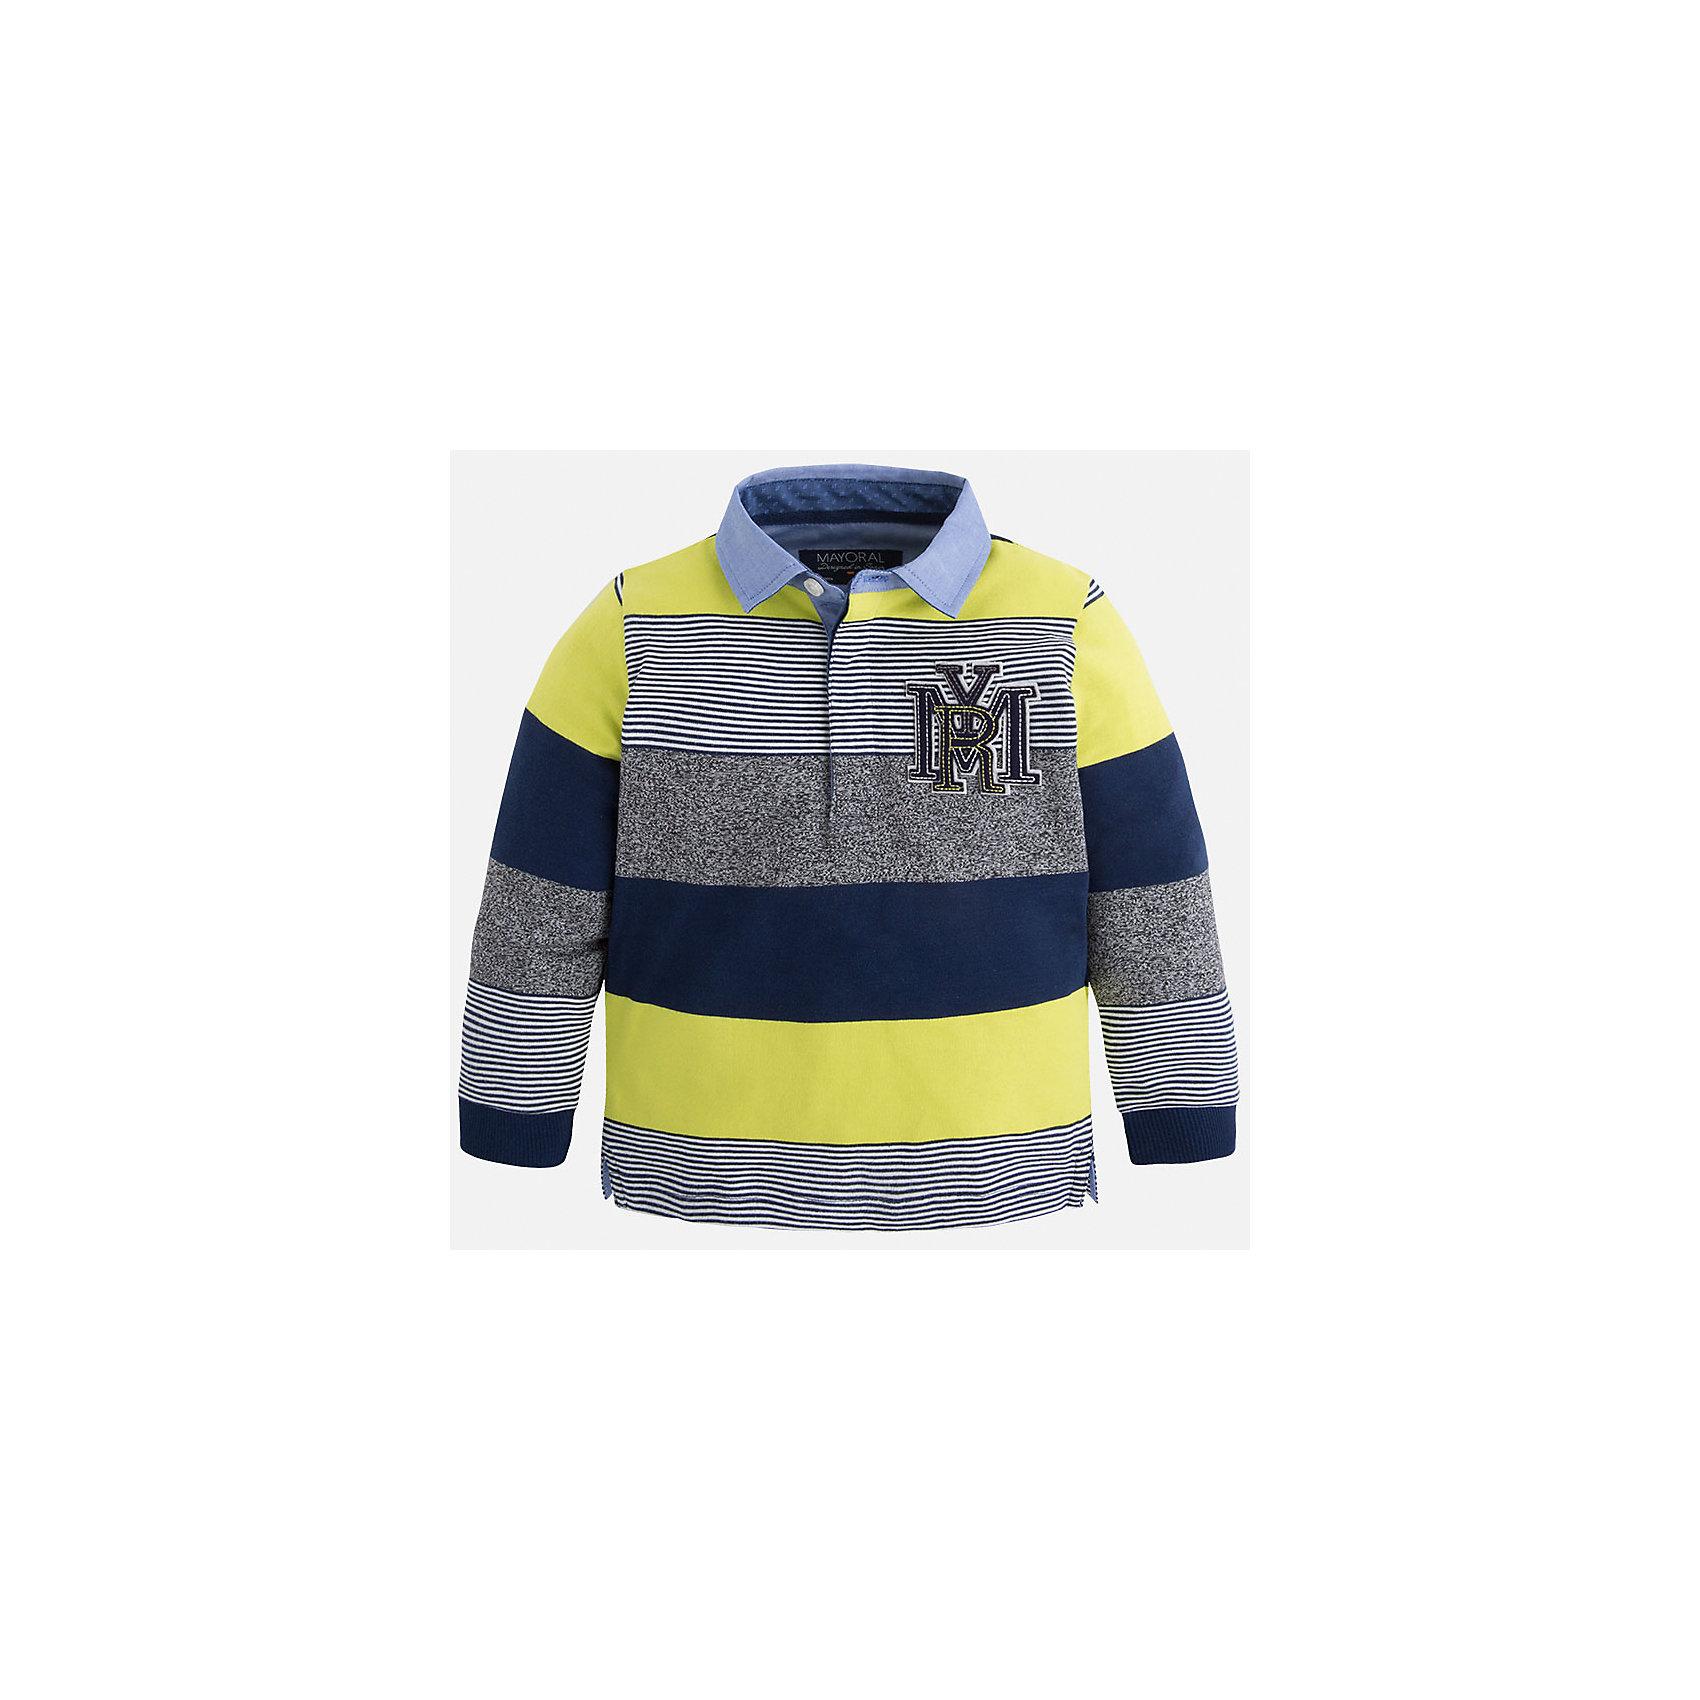 Рубашка-поло для мальчика MayoralРубашка-поло для мальчика Mayoral (Майорал) – это стильная, модная и практичная модель.<br>Полосатая рубашка-поло с длинными рукавами от известной испанской марки Mayoral (Майорал) выполненная из натурального хлопка с добавлением полиэстера, станет стильным предметом гардероба вашего мальчика. Рубашка декорирована голубым отложным воротником, манжетами и принтом с логотипом производителя. Ворот застегивается на пуговицы, застежка скрыта. Комфортный прямой крой гарантирует свободу движений.<br><br>Дополнительная информация:<br><br>- Цвет: синий, серый, лимонный, голубой<br>- Состав: 90% хлопок, 10% полиэстер<br>- Уход: бережная стирка при 30 градусах<br><br>Рубашку-поло для мальчика Mayoral (Майорал) можно купить в нашем интернет-магазине.<br><br>Ширина мм: 174<br>Глубина мм: 10<br>Высота мм: 169<br>Вес г: 157<br>Цвет: желтый<br>Возраст от месяцев: 48<br>Возраст до месяцев: 60<br>Пол: Мужской<br>Возраст: Детский<br>Размер: 110,98,104,116,122,128,134<br>SKU: 4820961